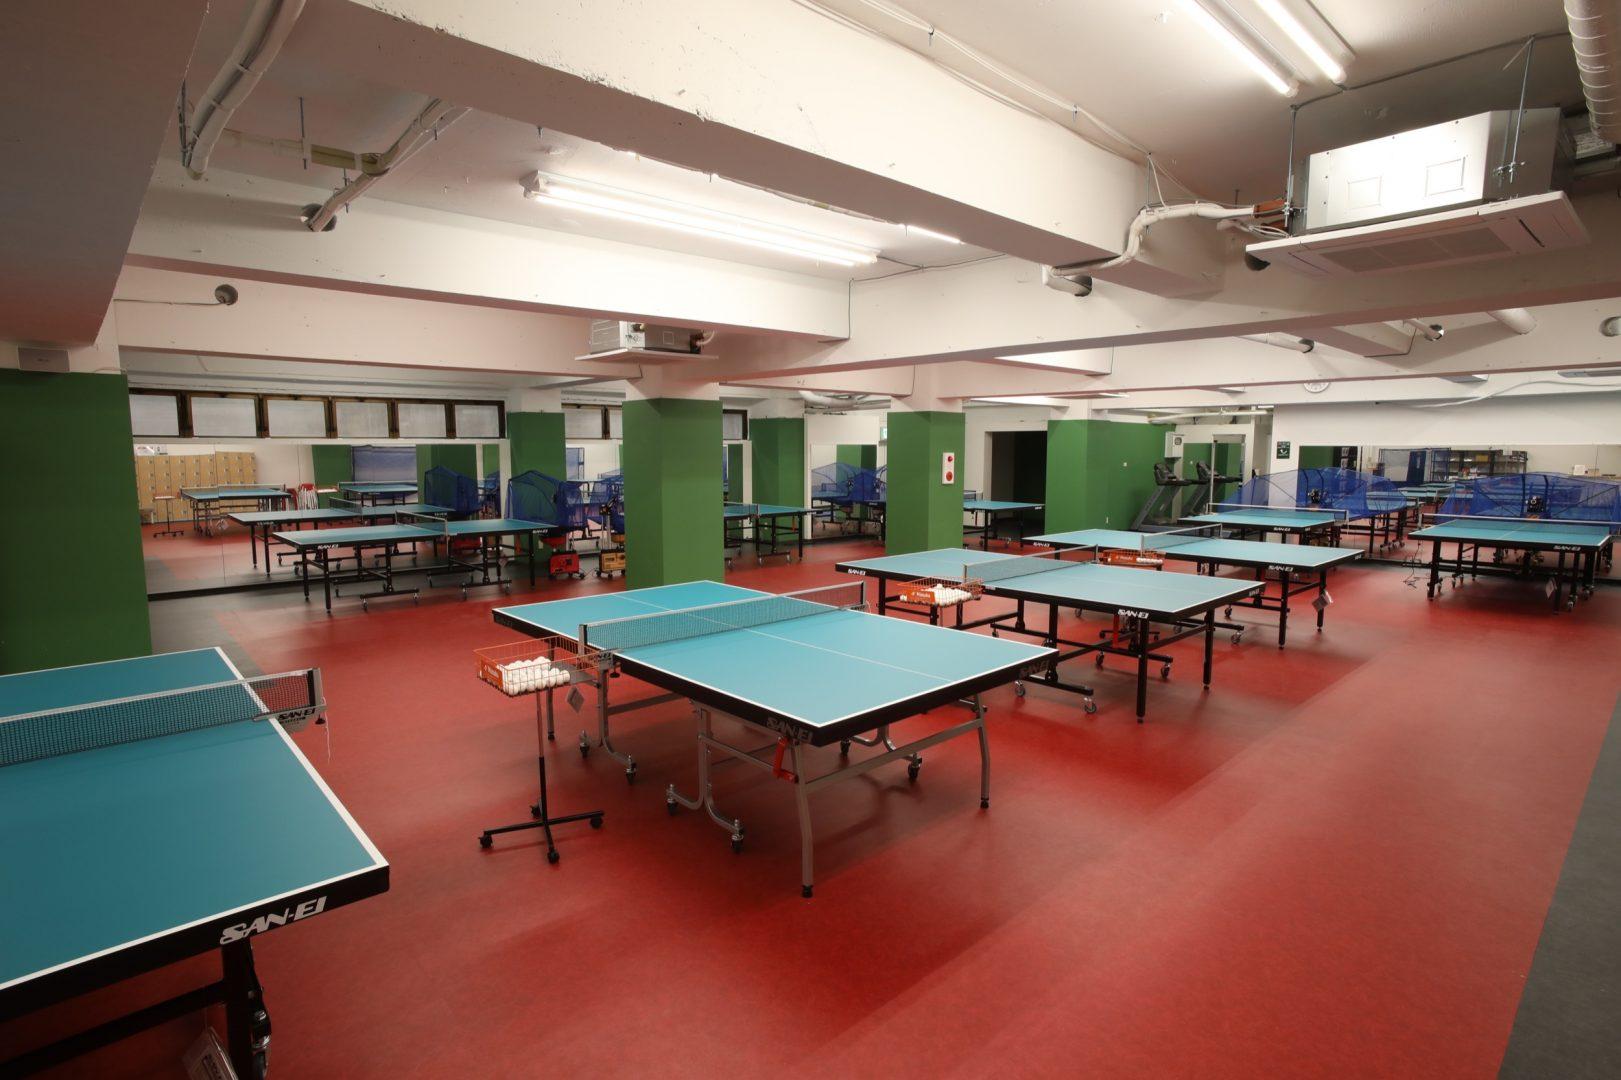 年越しは卓球で!?年末年始も営業する卓球場を紹介<東京・大阪>